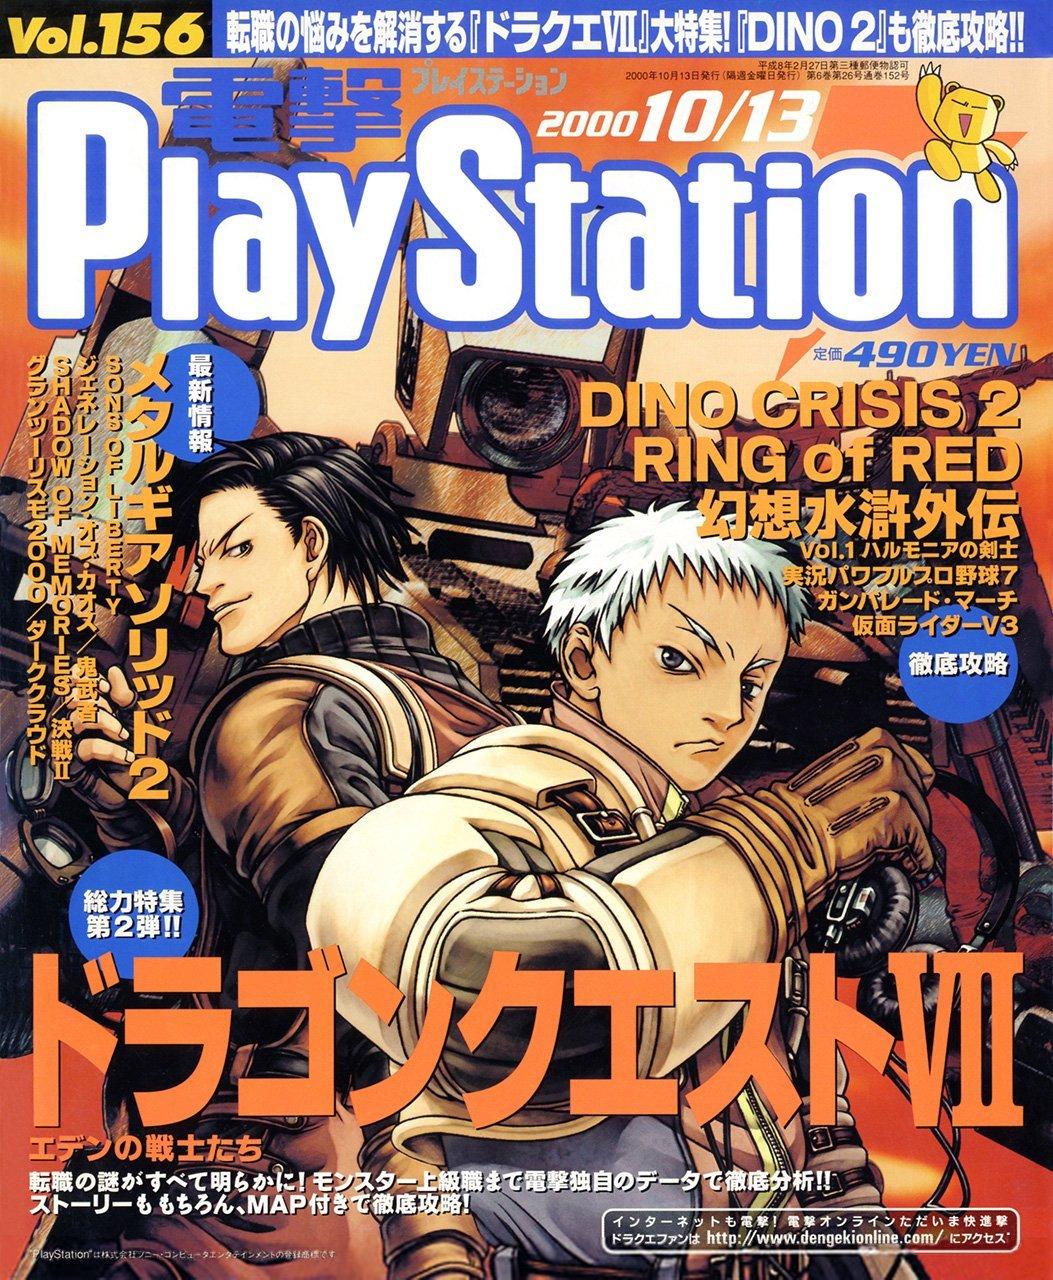 Dengeki PlayStation 156 (October 13, 2000)